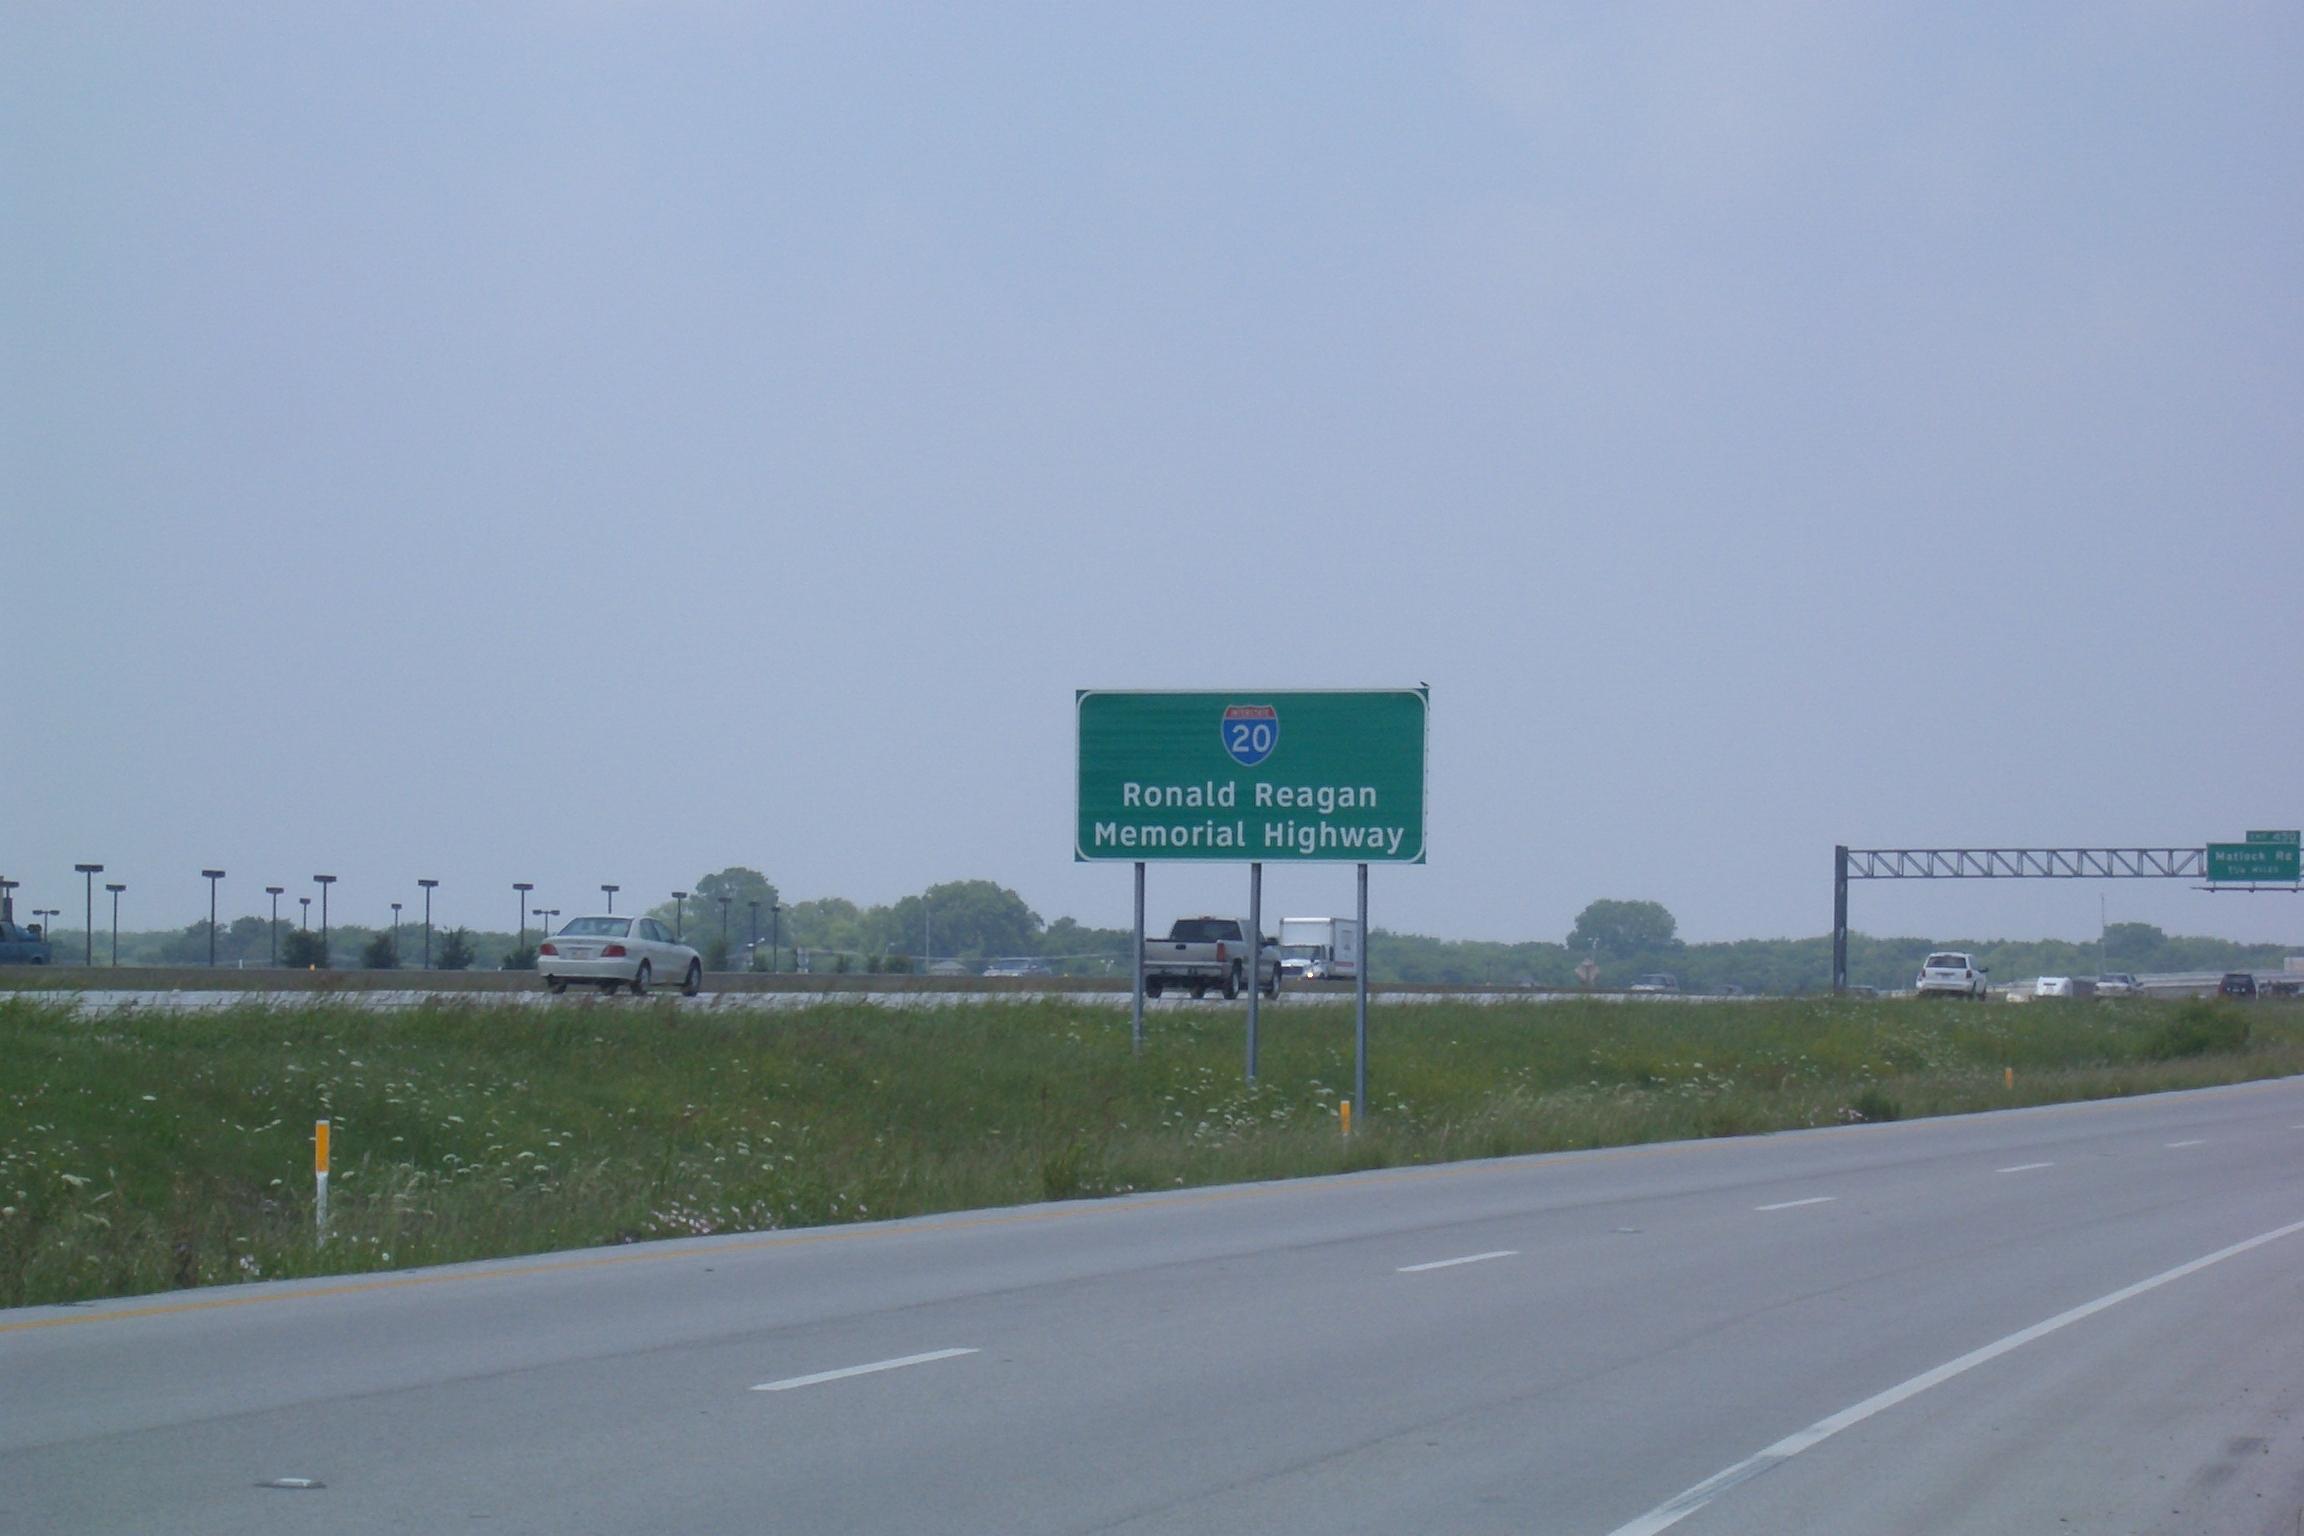 Texas tarrant county arlington 76013 - Texas Tarrant County Arlington 76013 8